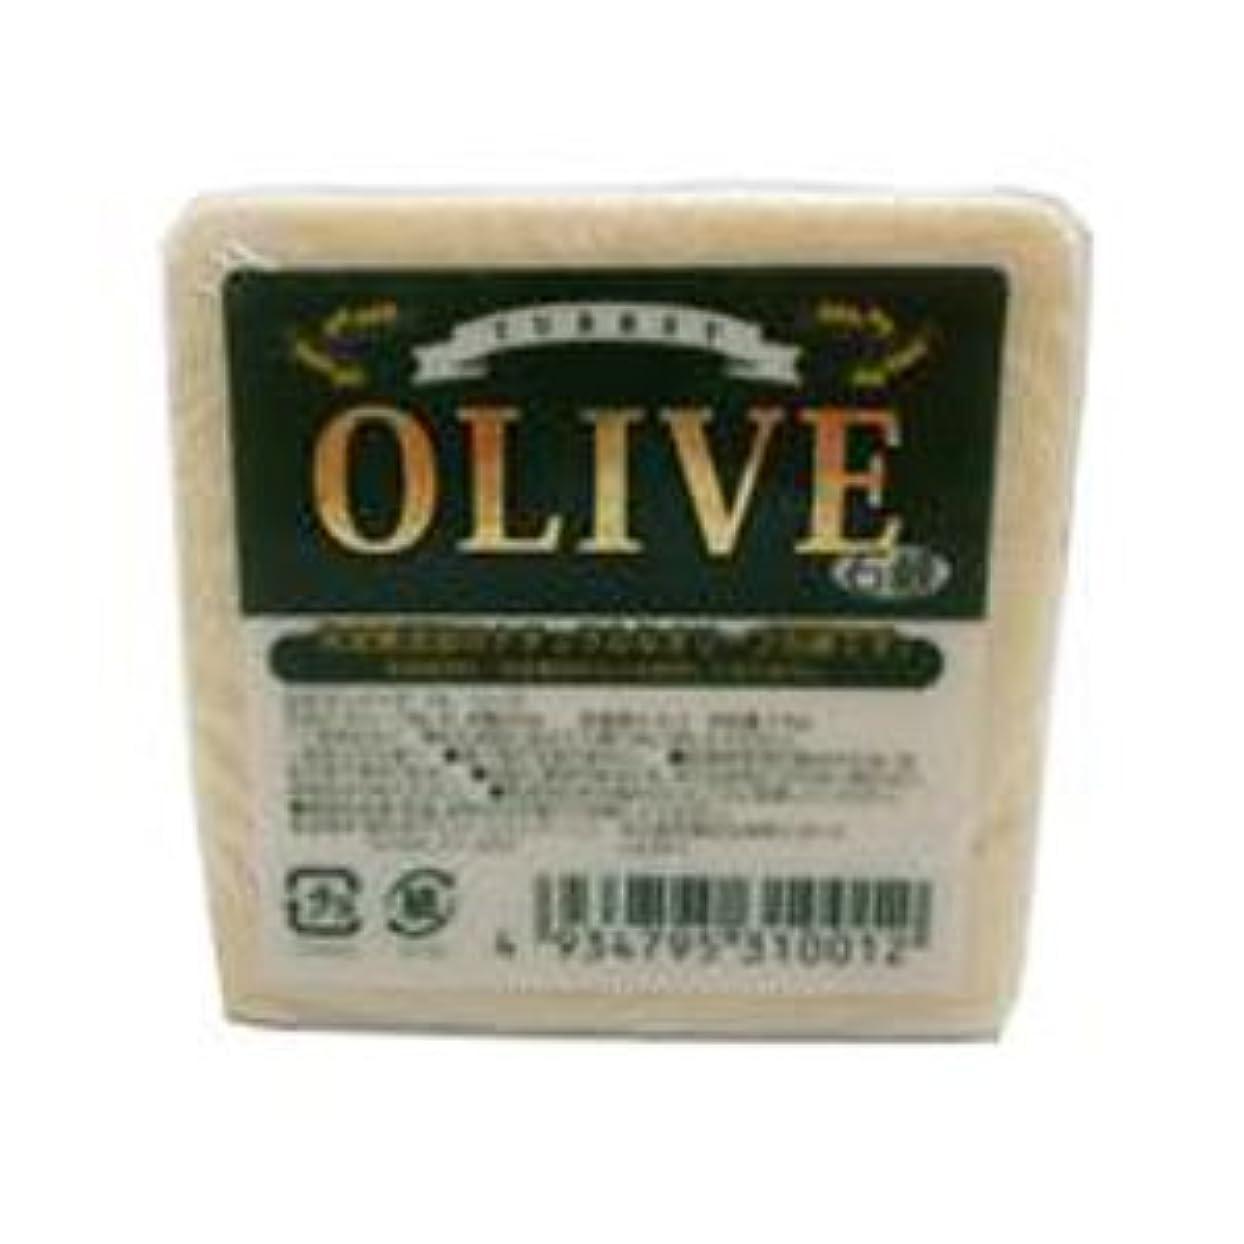 高度銀結婚式お得な5個セット トルコ産オリーブを使用した無添加石鹸 ターキーオリーブ石鹸 135g